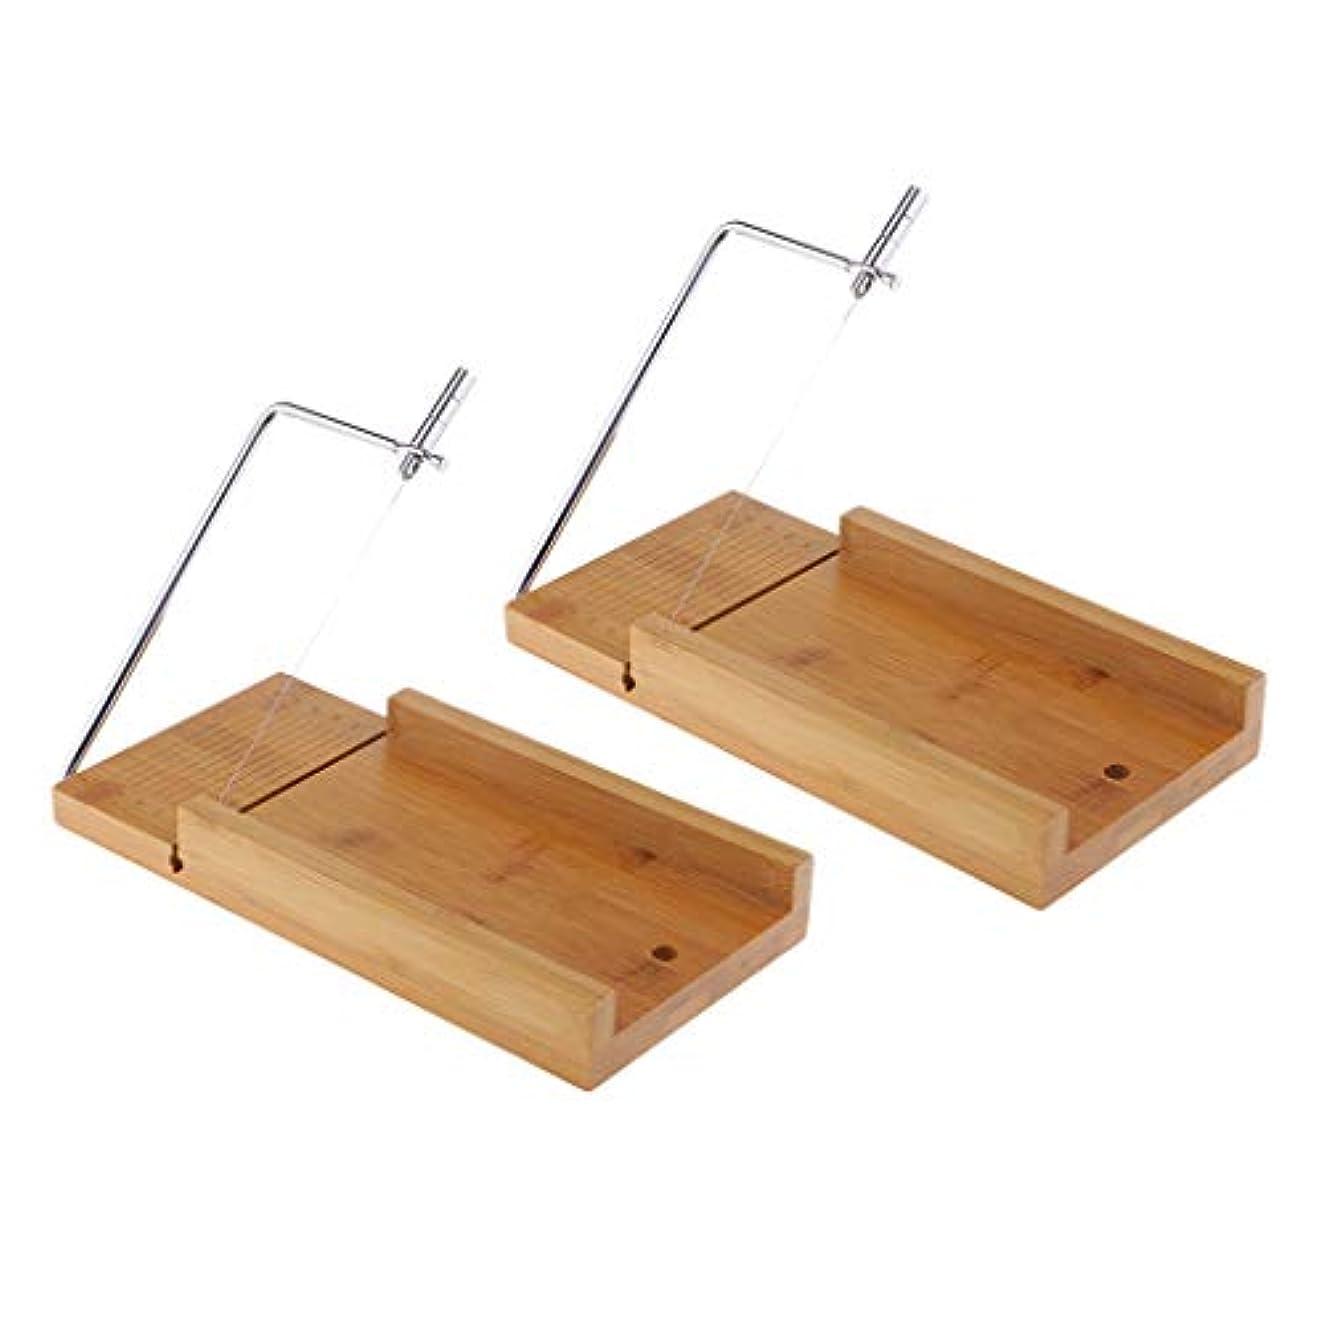 節約南東エアコンFLAMEER ソープカッター チーズナイフ ワイヤー せっけんカッター 台 木質 石鹸切削工具 2個入り